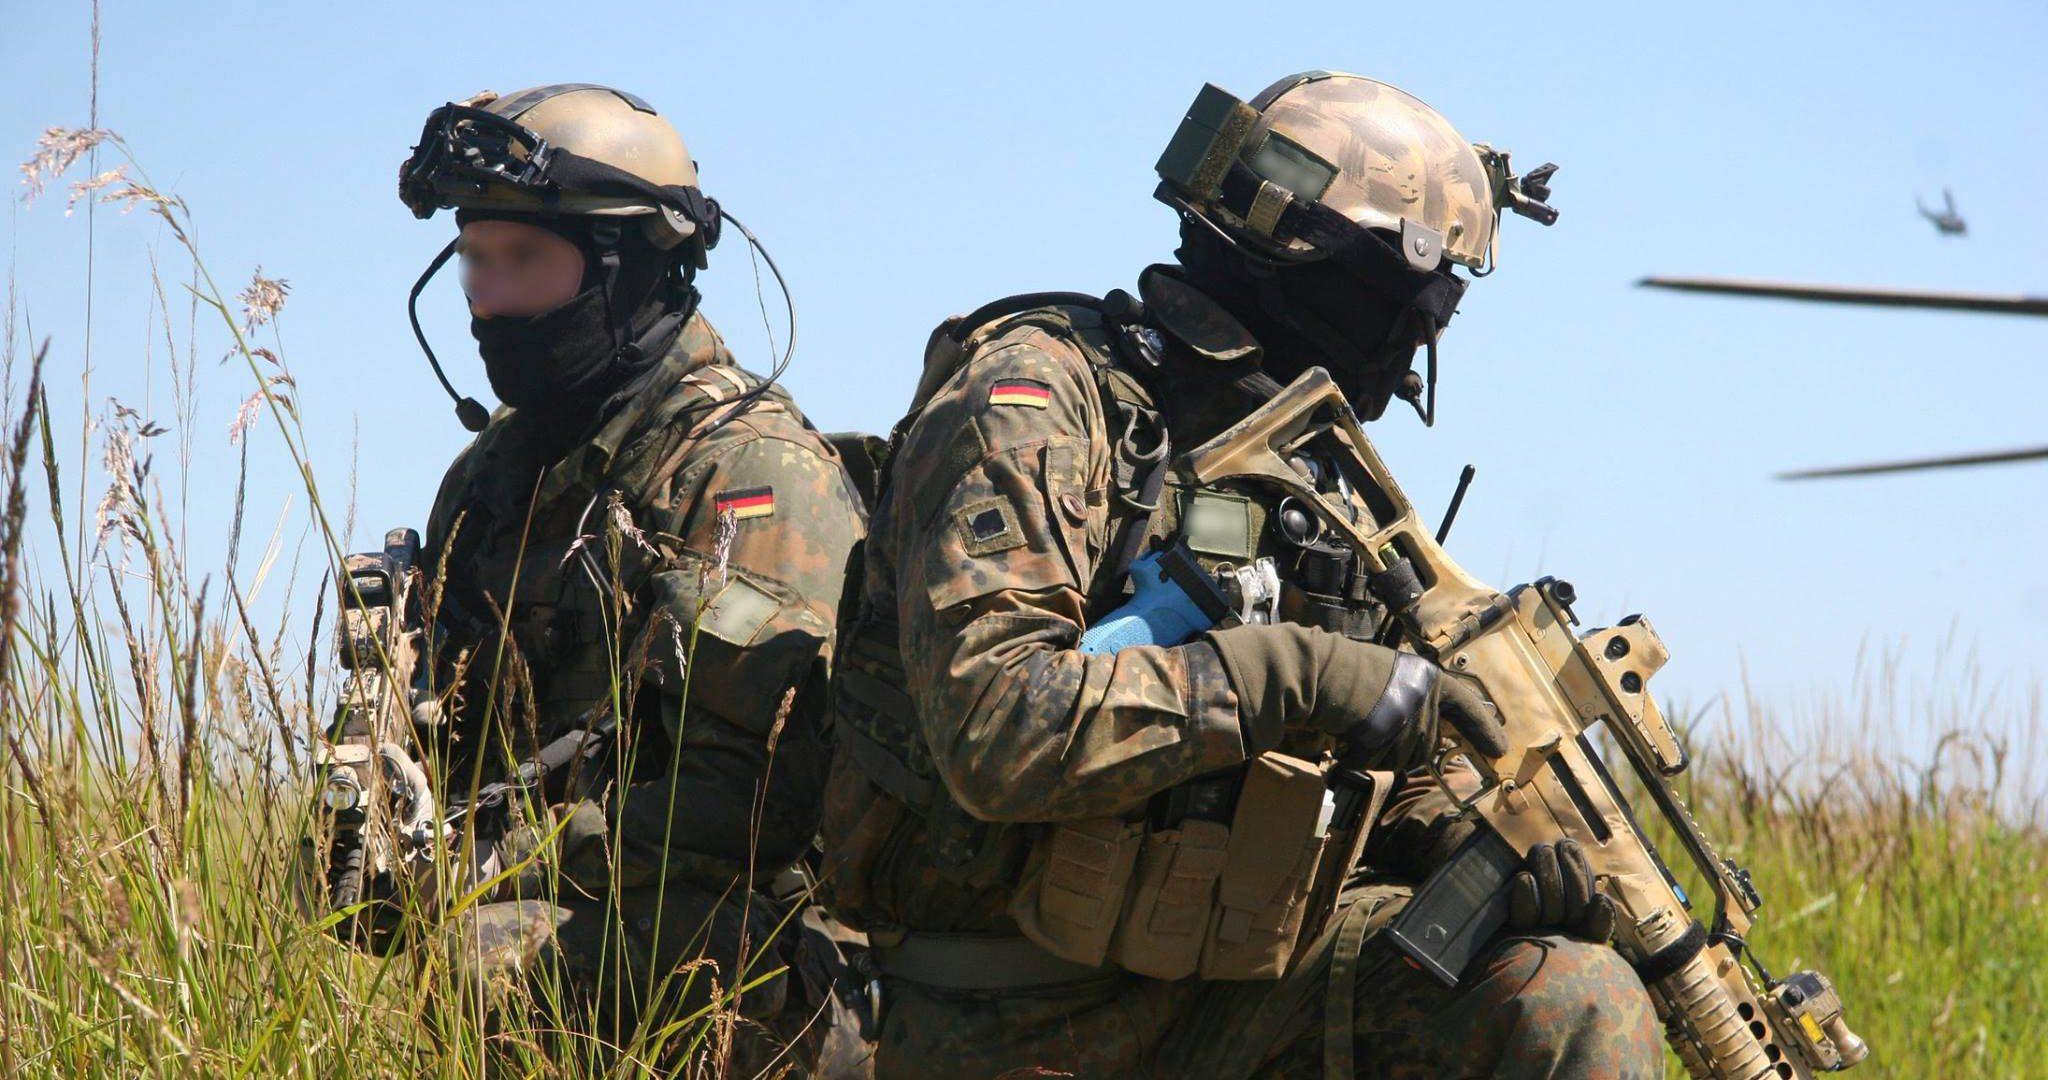 Ο γερμανικός στρατός ψάχνει 60.000 πυρομαχικά – Αμέλεια ή κλοπή από ακροδεξιούς; Αλέξανδρος Μουτζουρίδης